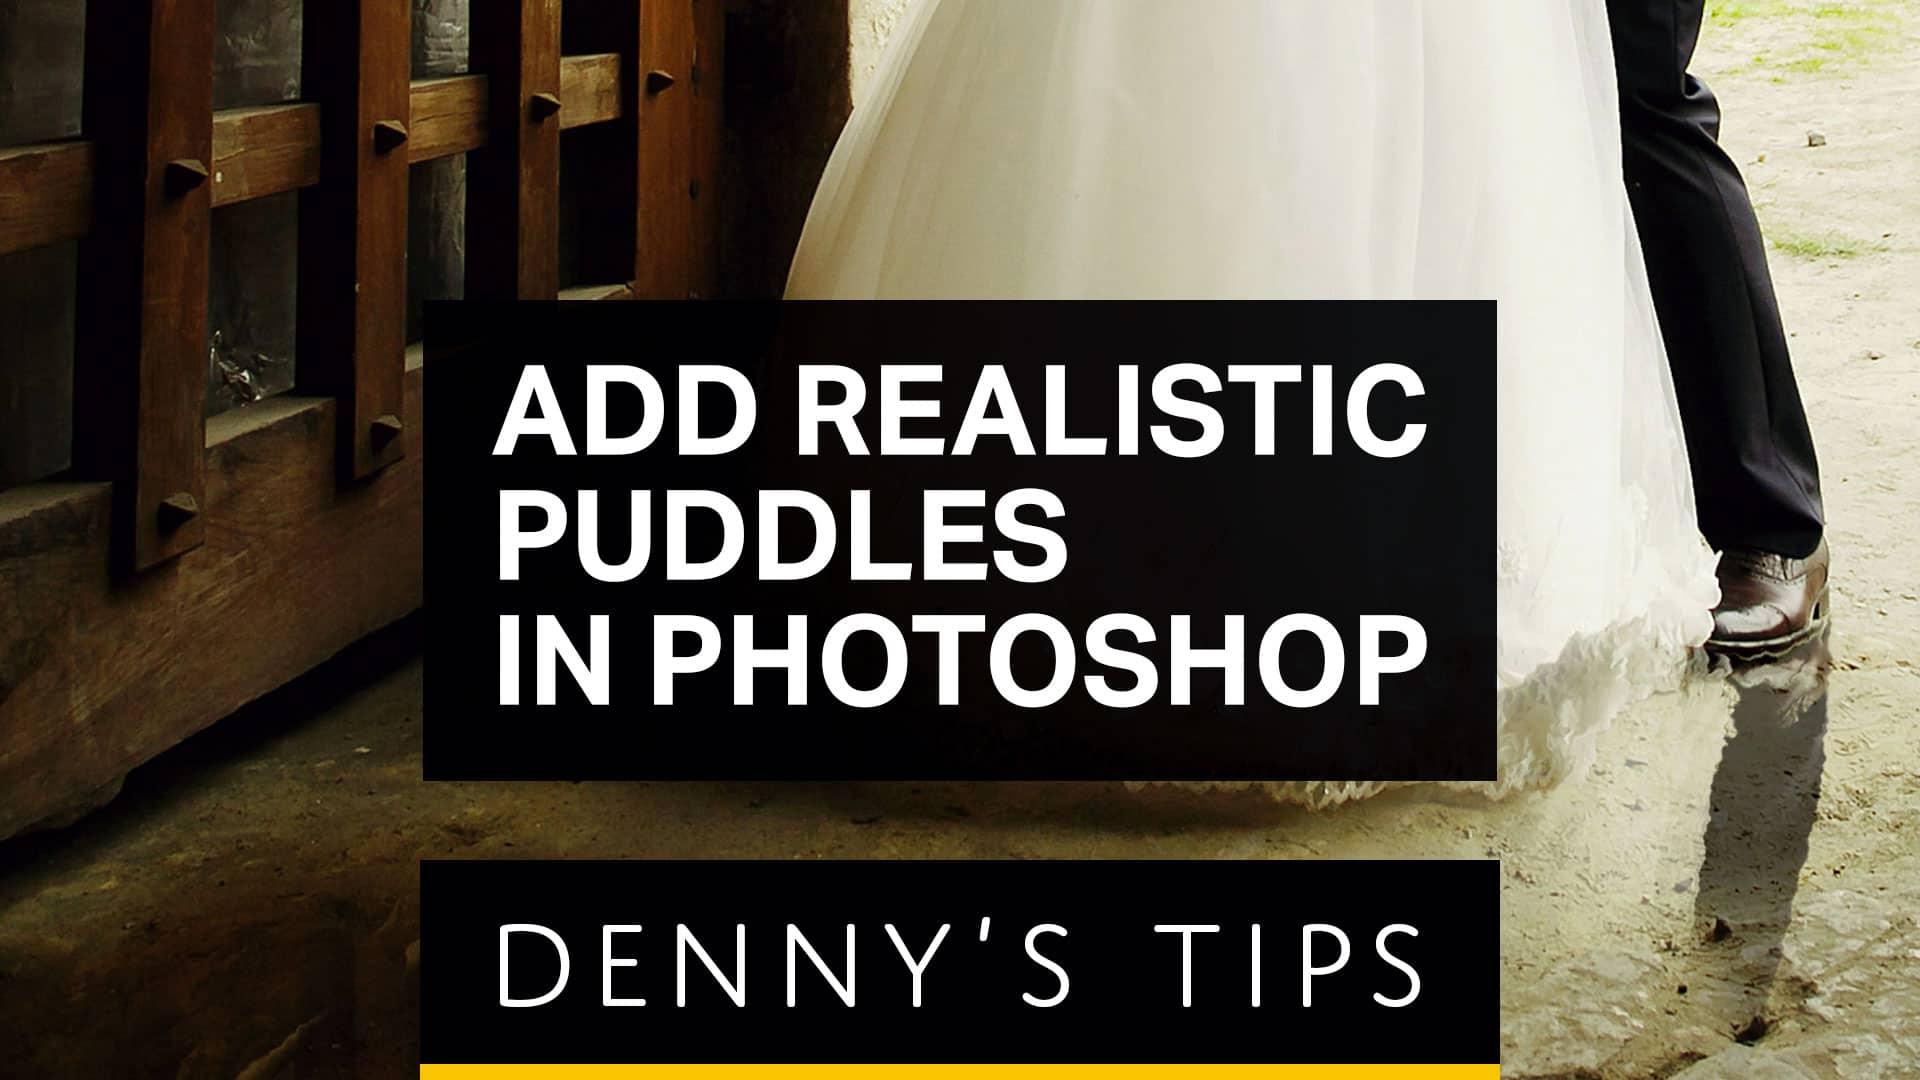 Уроки, все для фотошоп бесплатно mypsd.info